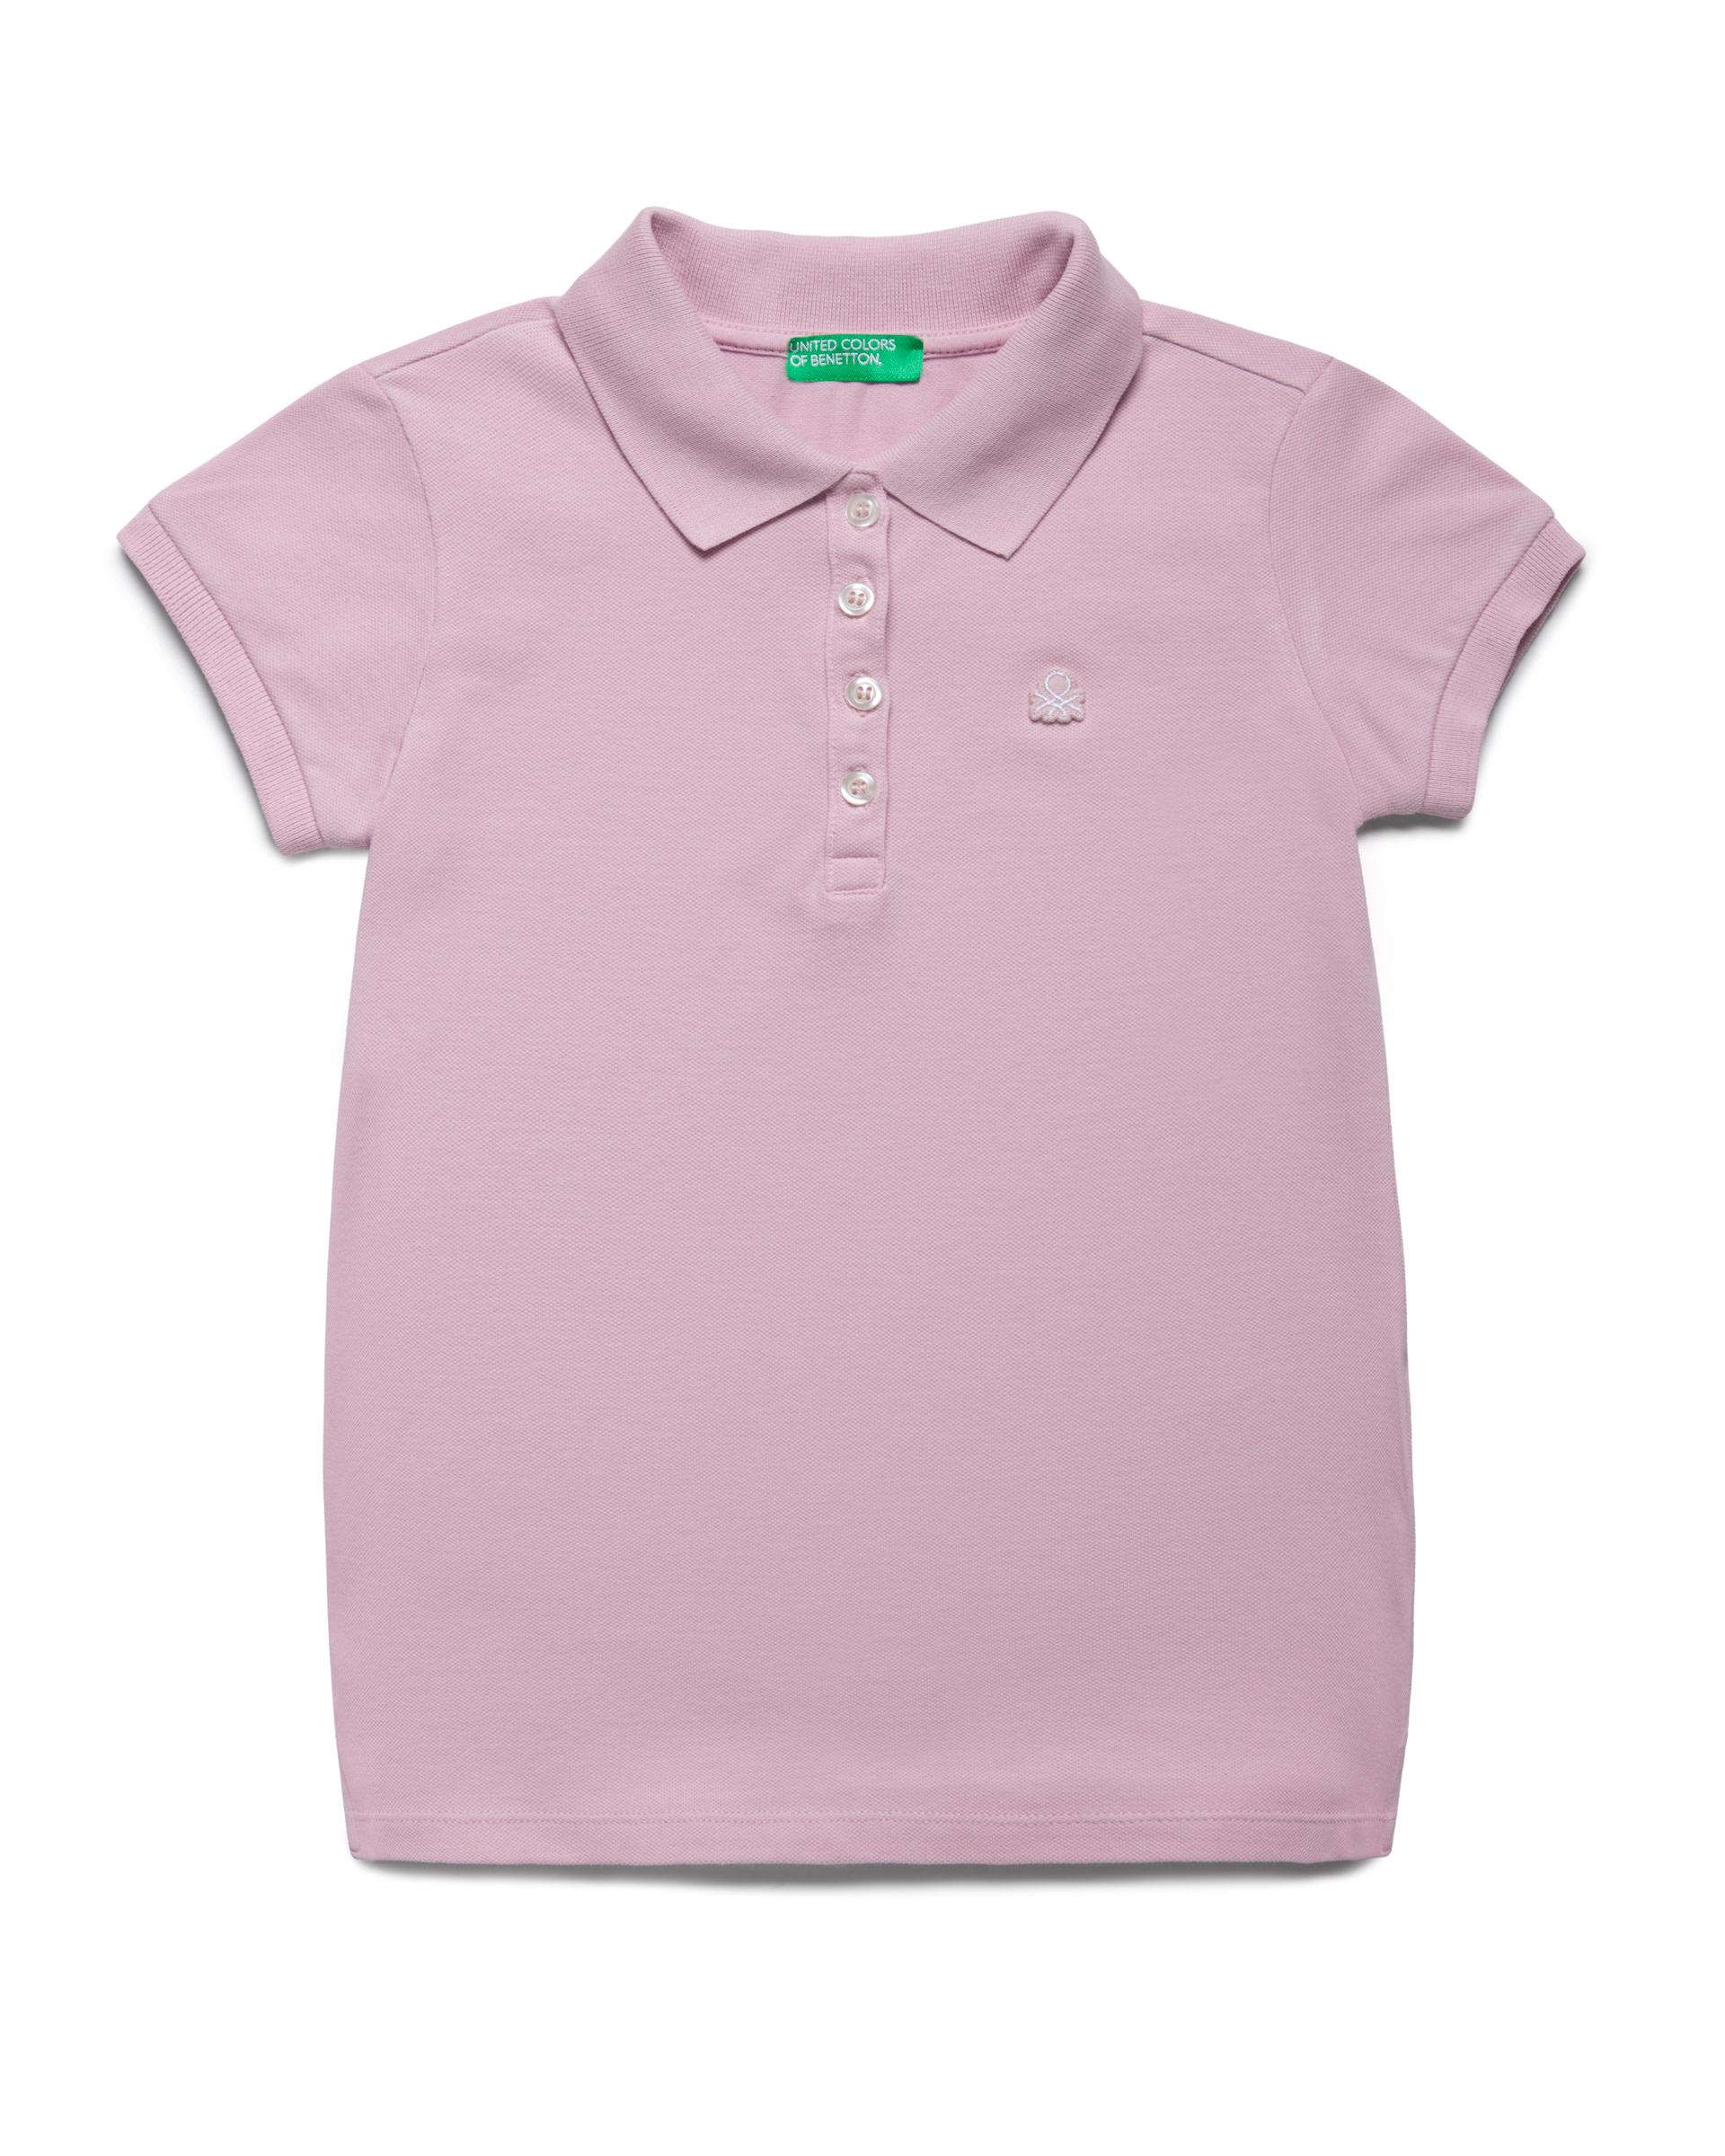 Купить 20P_3WG9C3092_07M, Поло-пике для девочек Benetton 3WG9C3092_07M р-р 140, United Colors of Benetton, Детские футболки